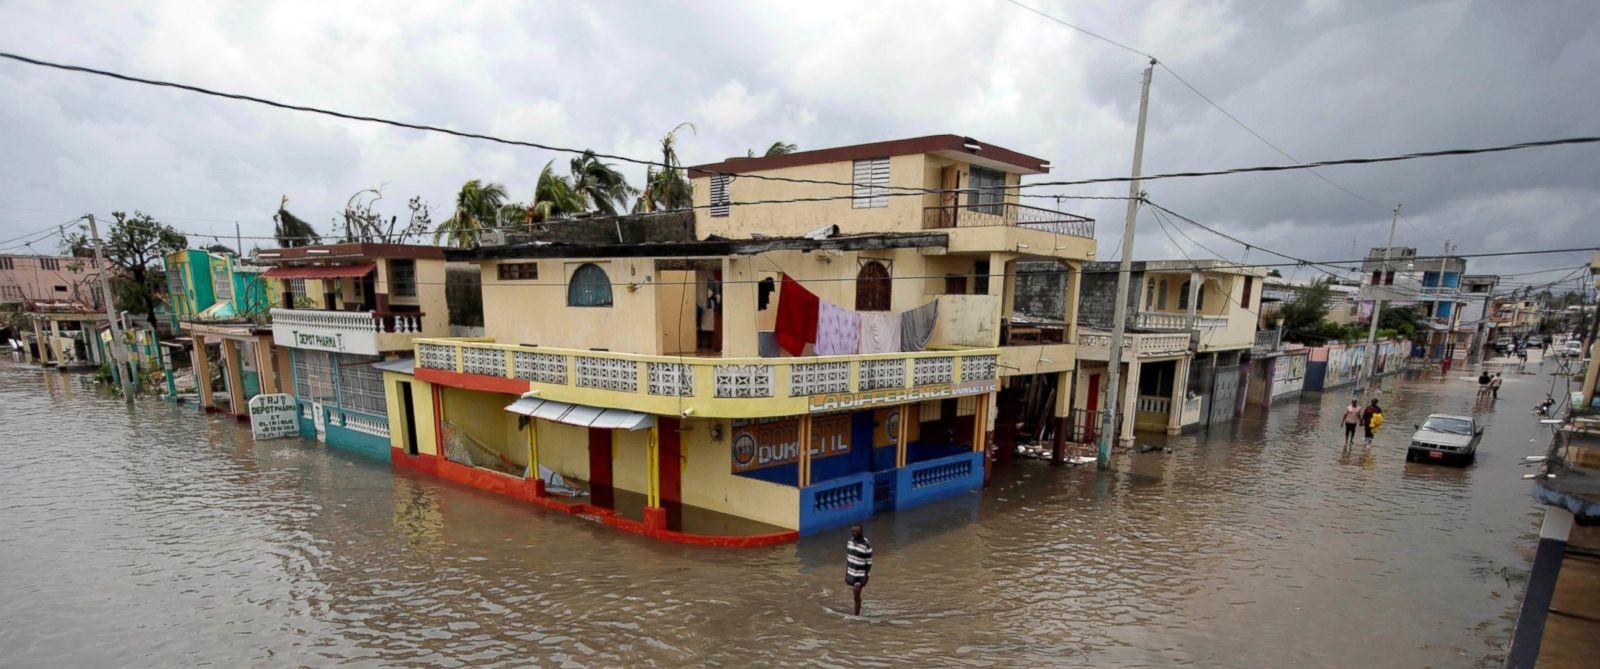 Image result for hurricane matthew jeremie haiti